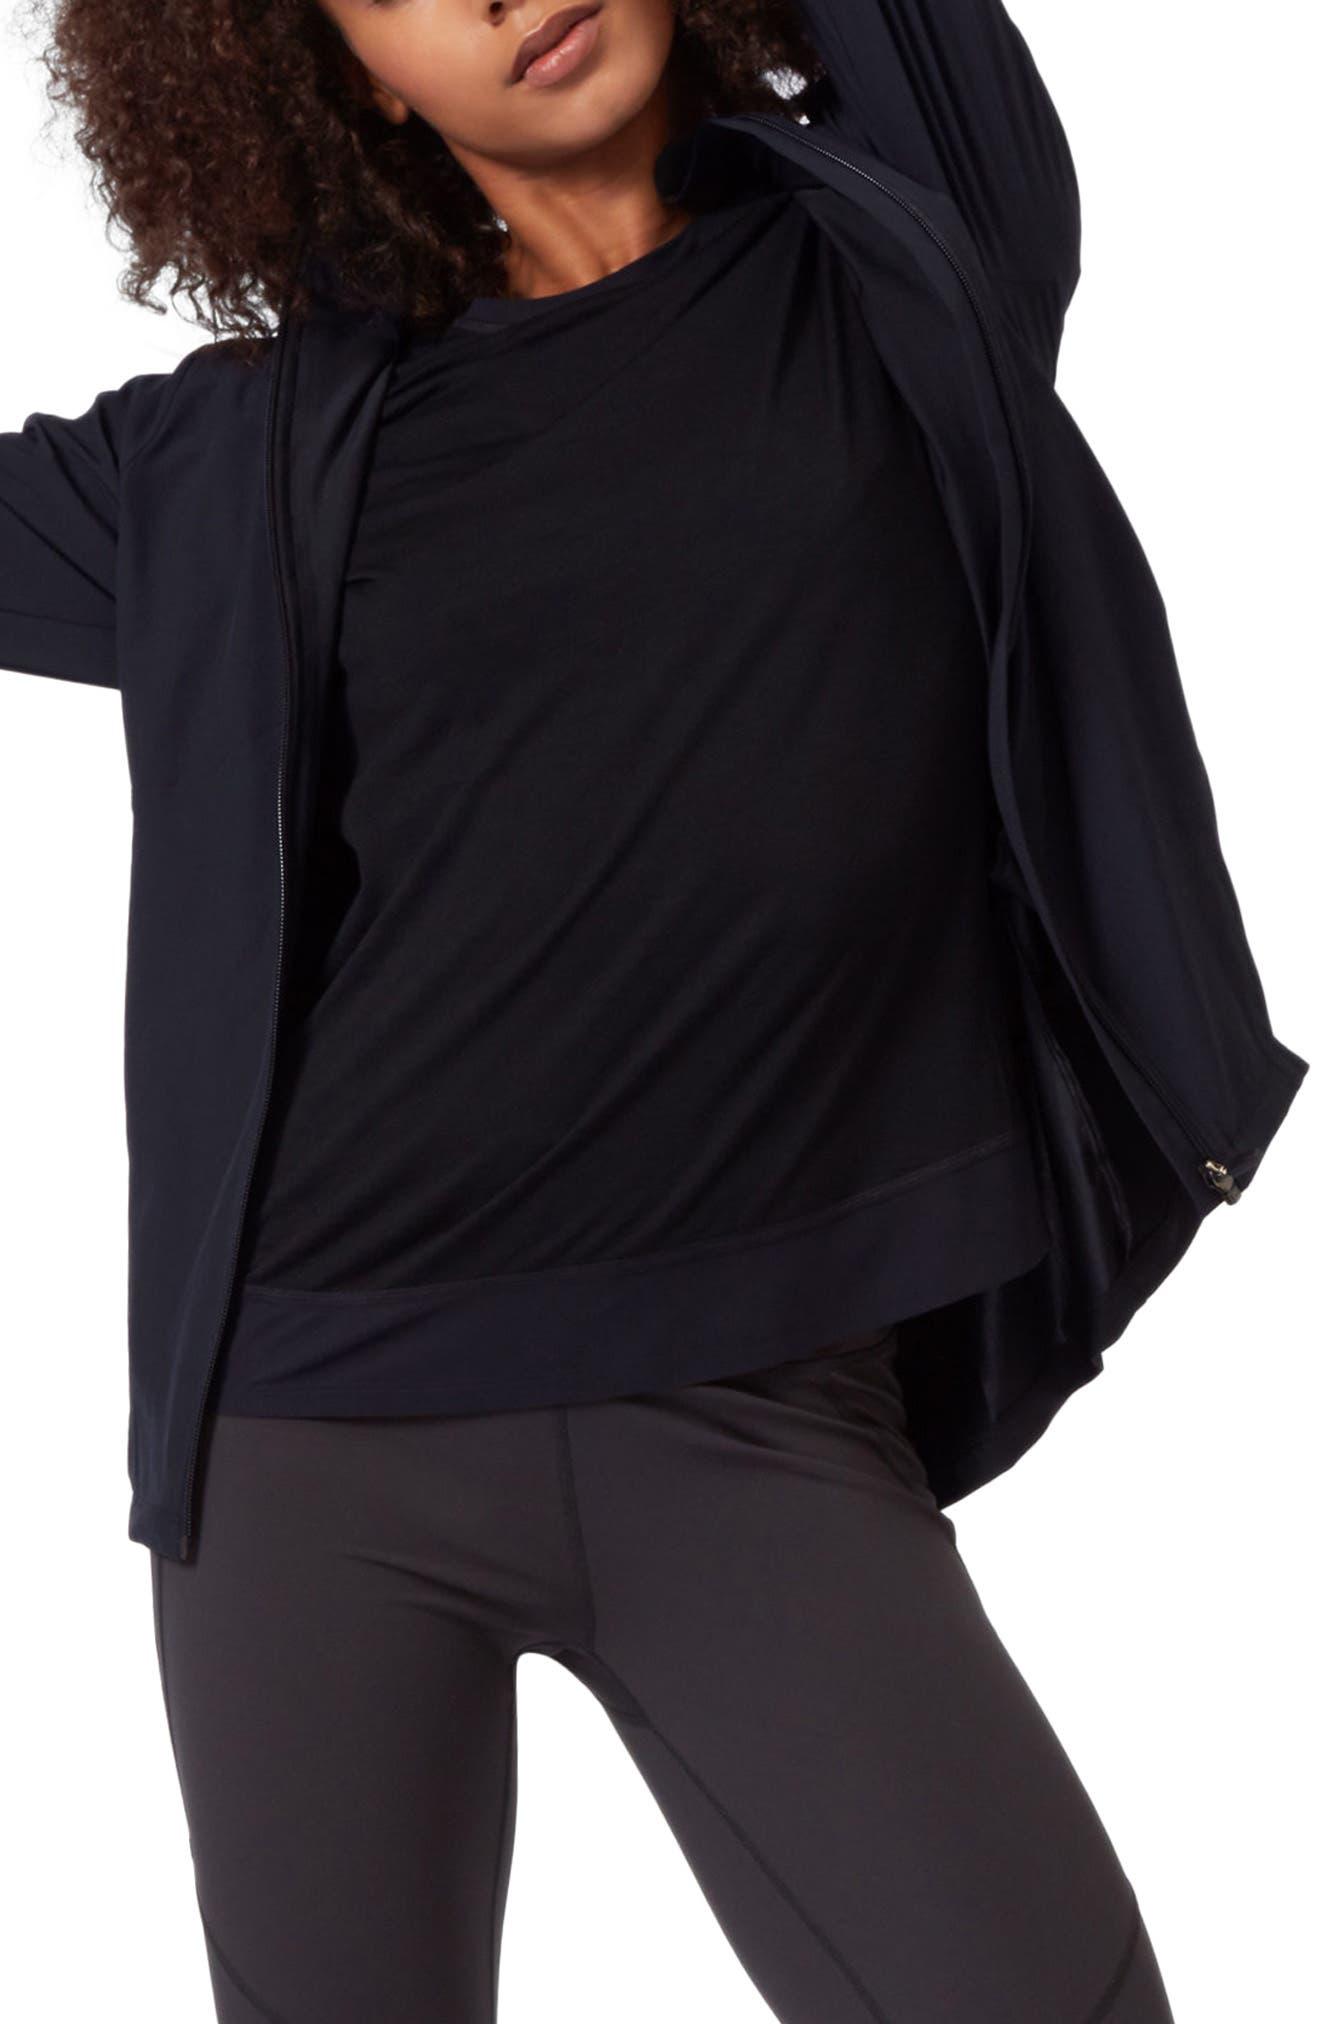 Fast Track Jacket,                         Main,                         color, Black